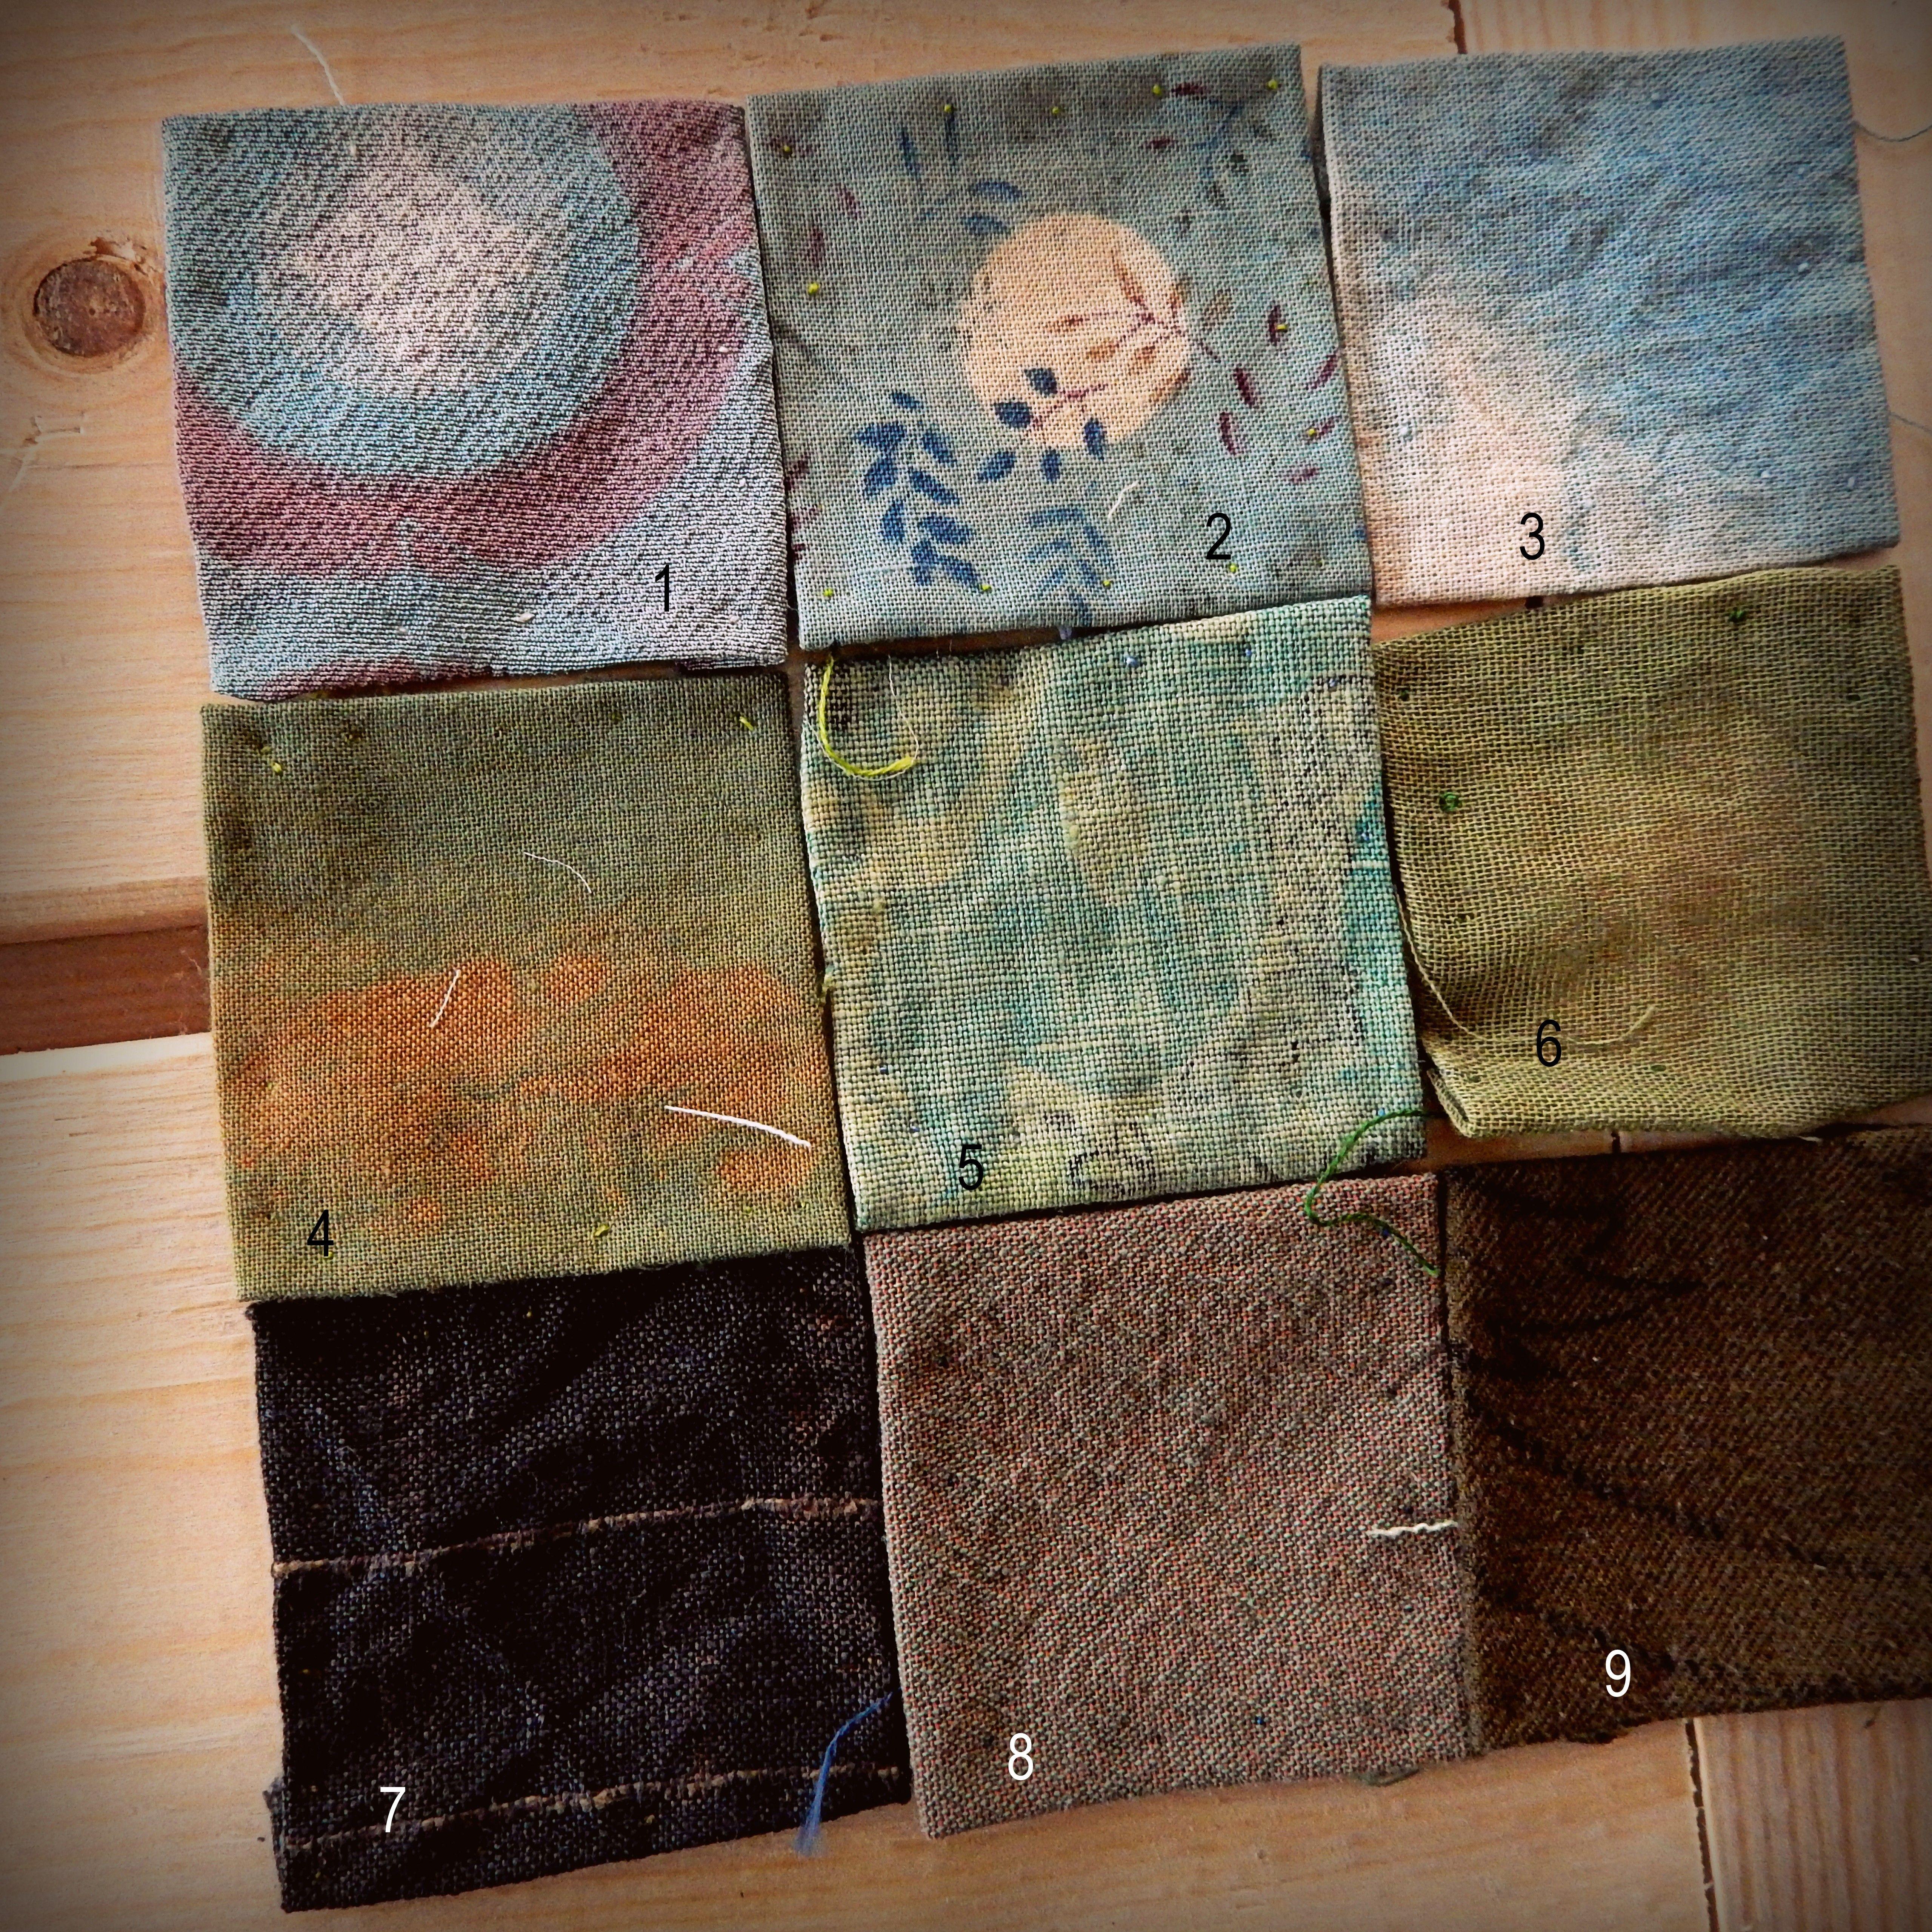 6a00d8341c8bd453ef01bb08868e14970d Pi 5 120 5 120 Pixels Travel Sewing Fabric Journals Fabric Art